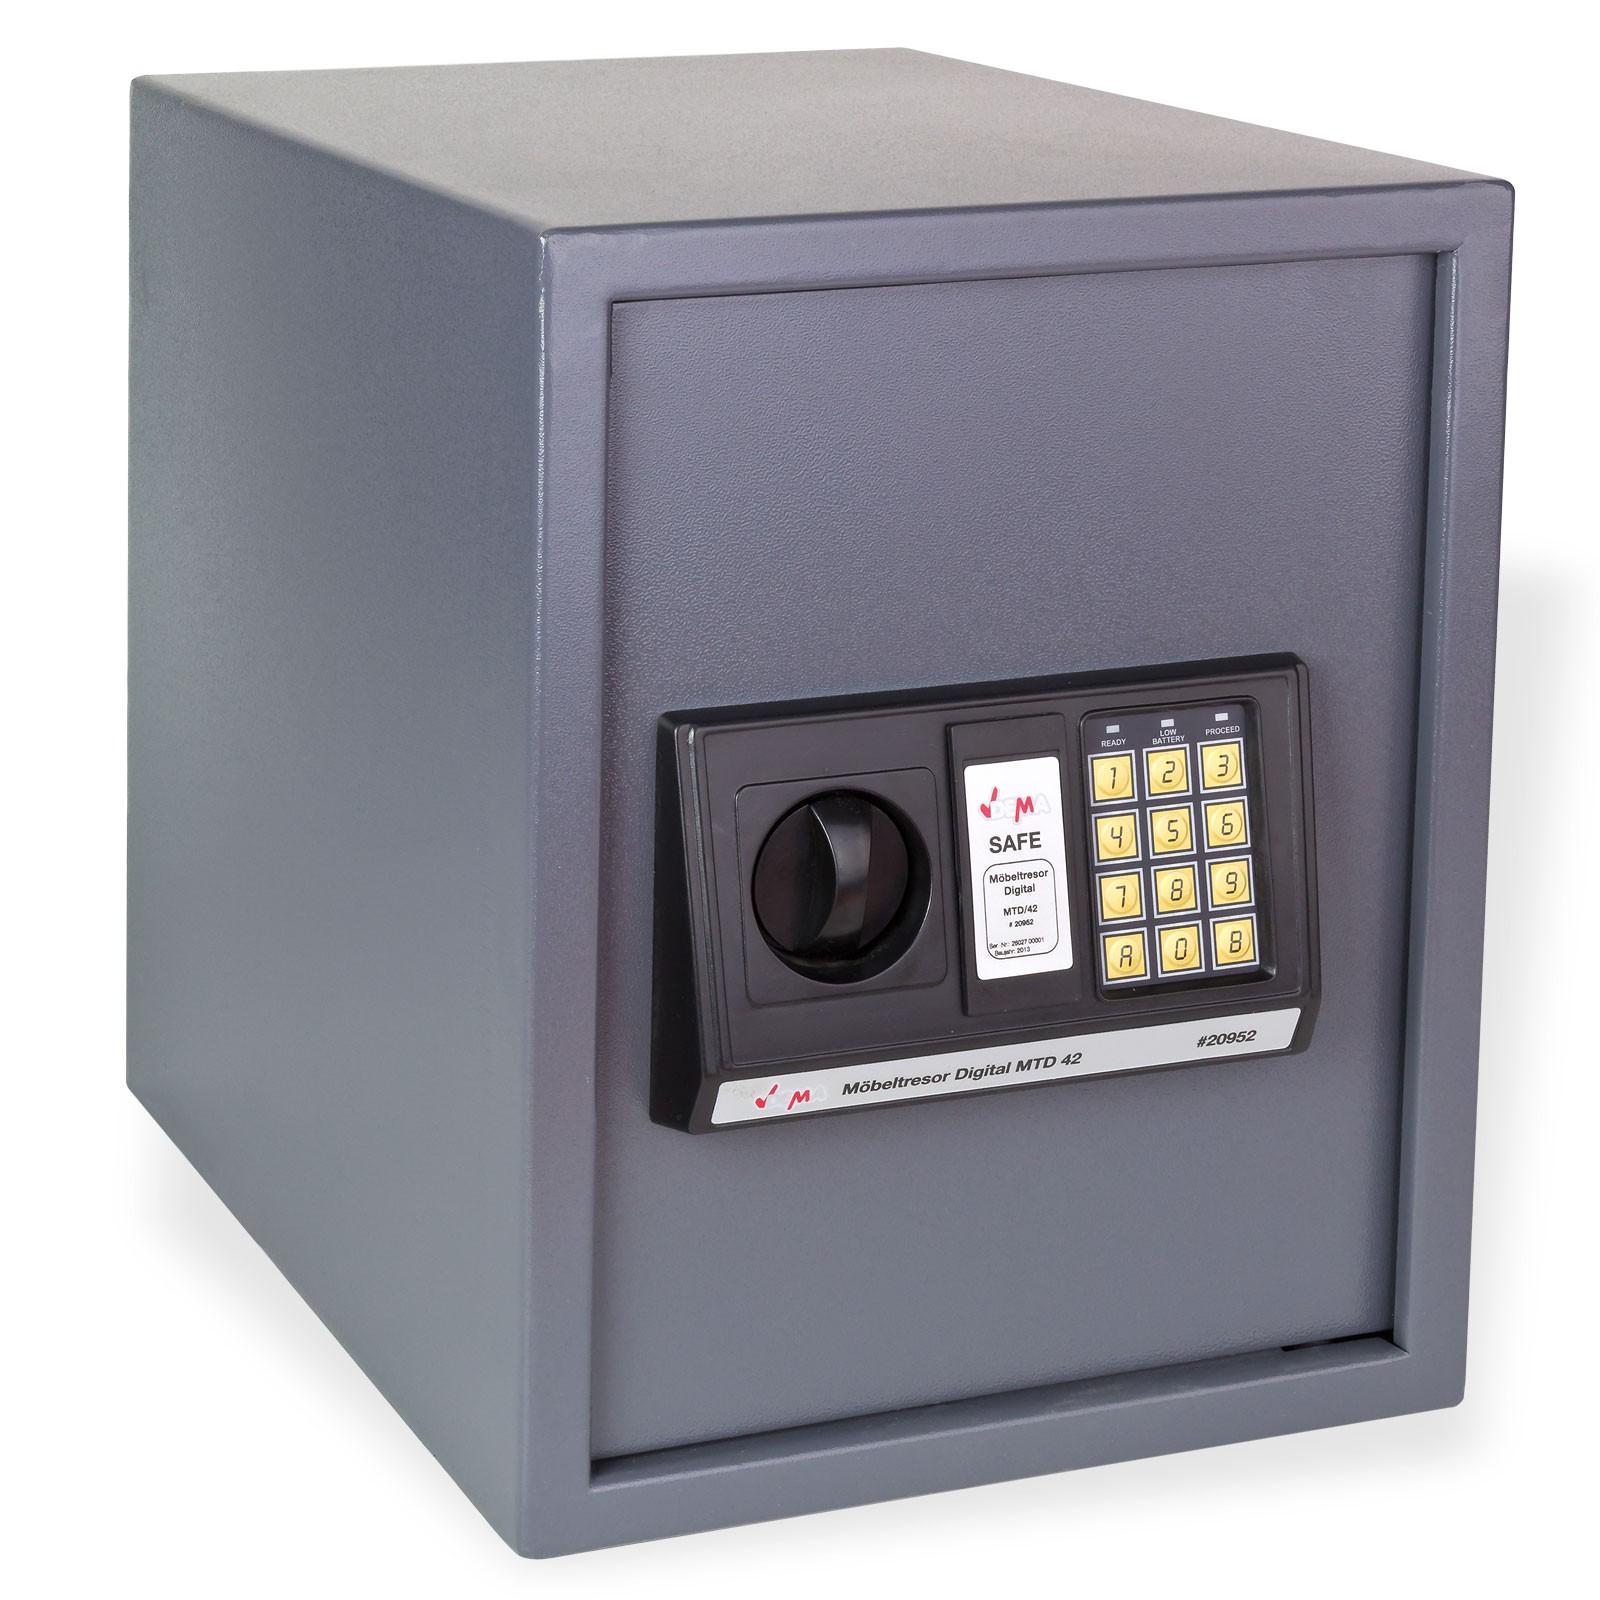 Dema Möbeltresor / Wandtresor Digital 42 Liter 30x37x38 cm 20952